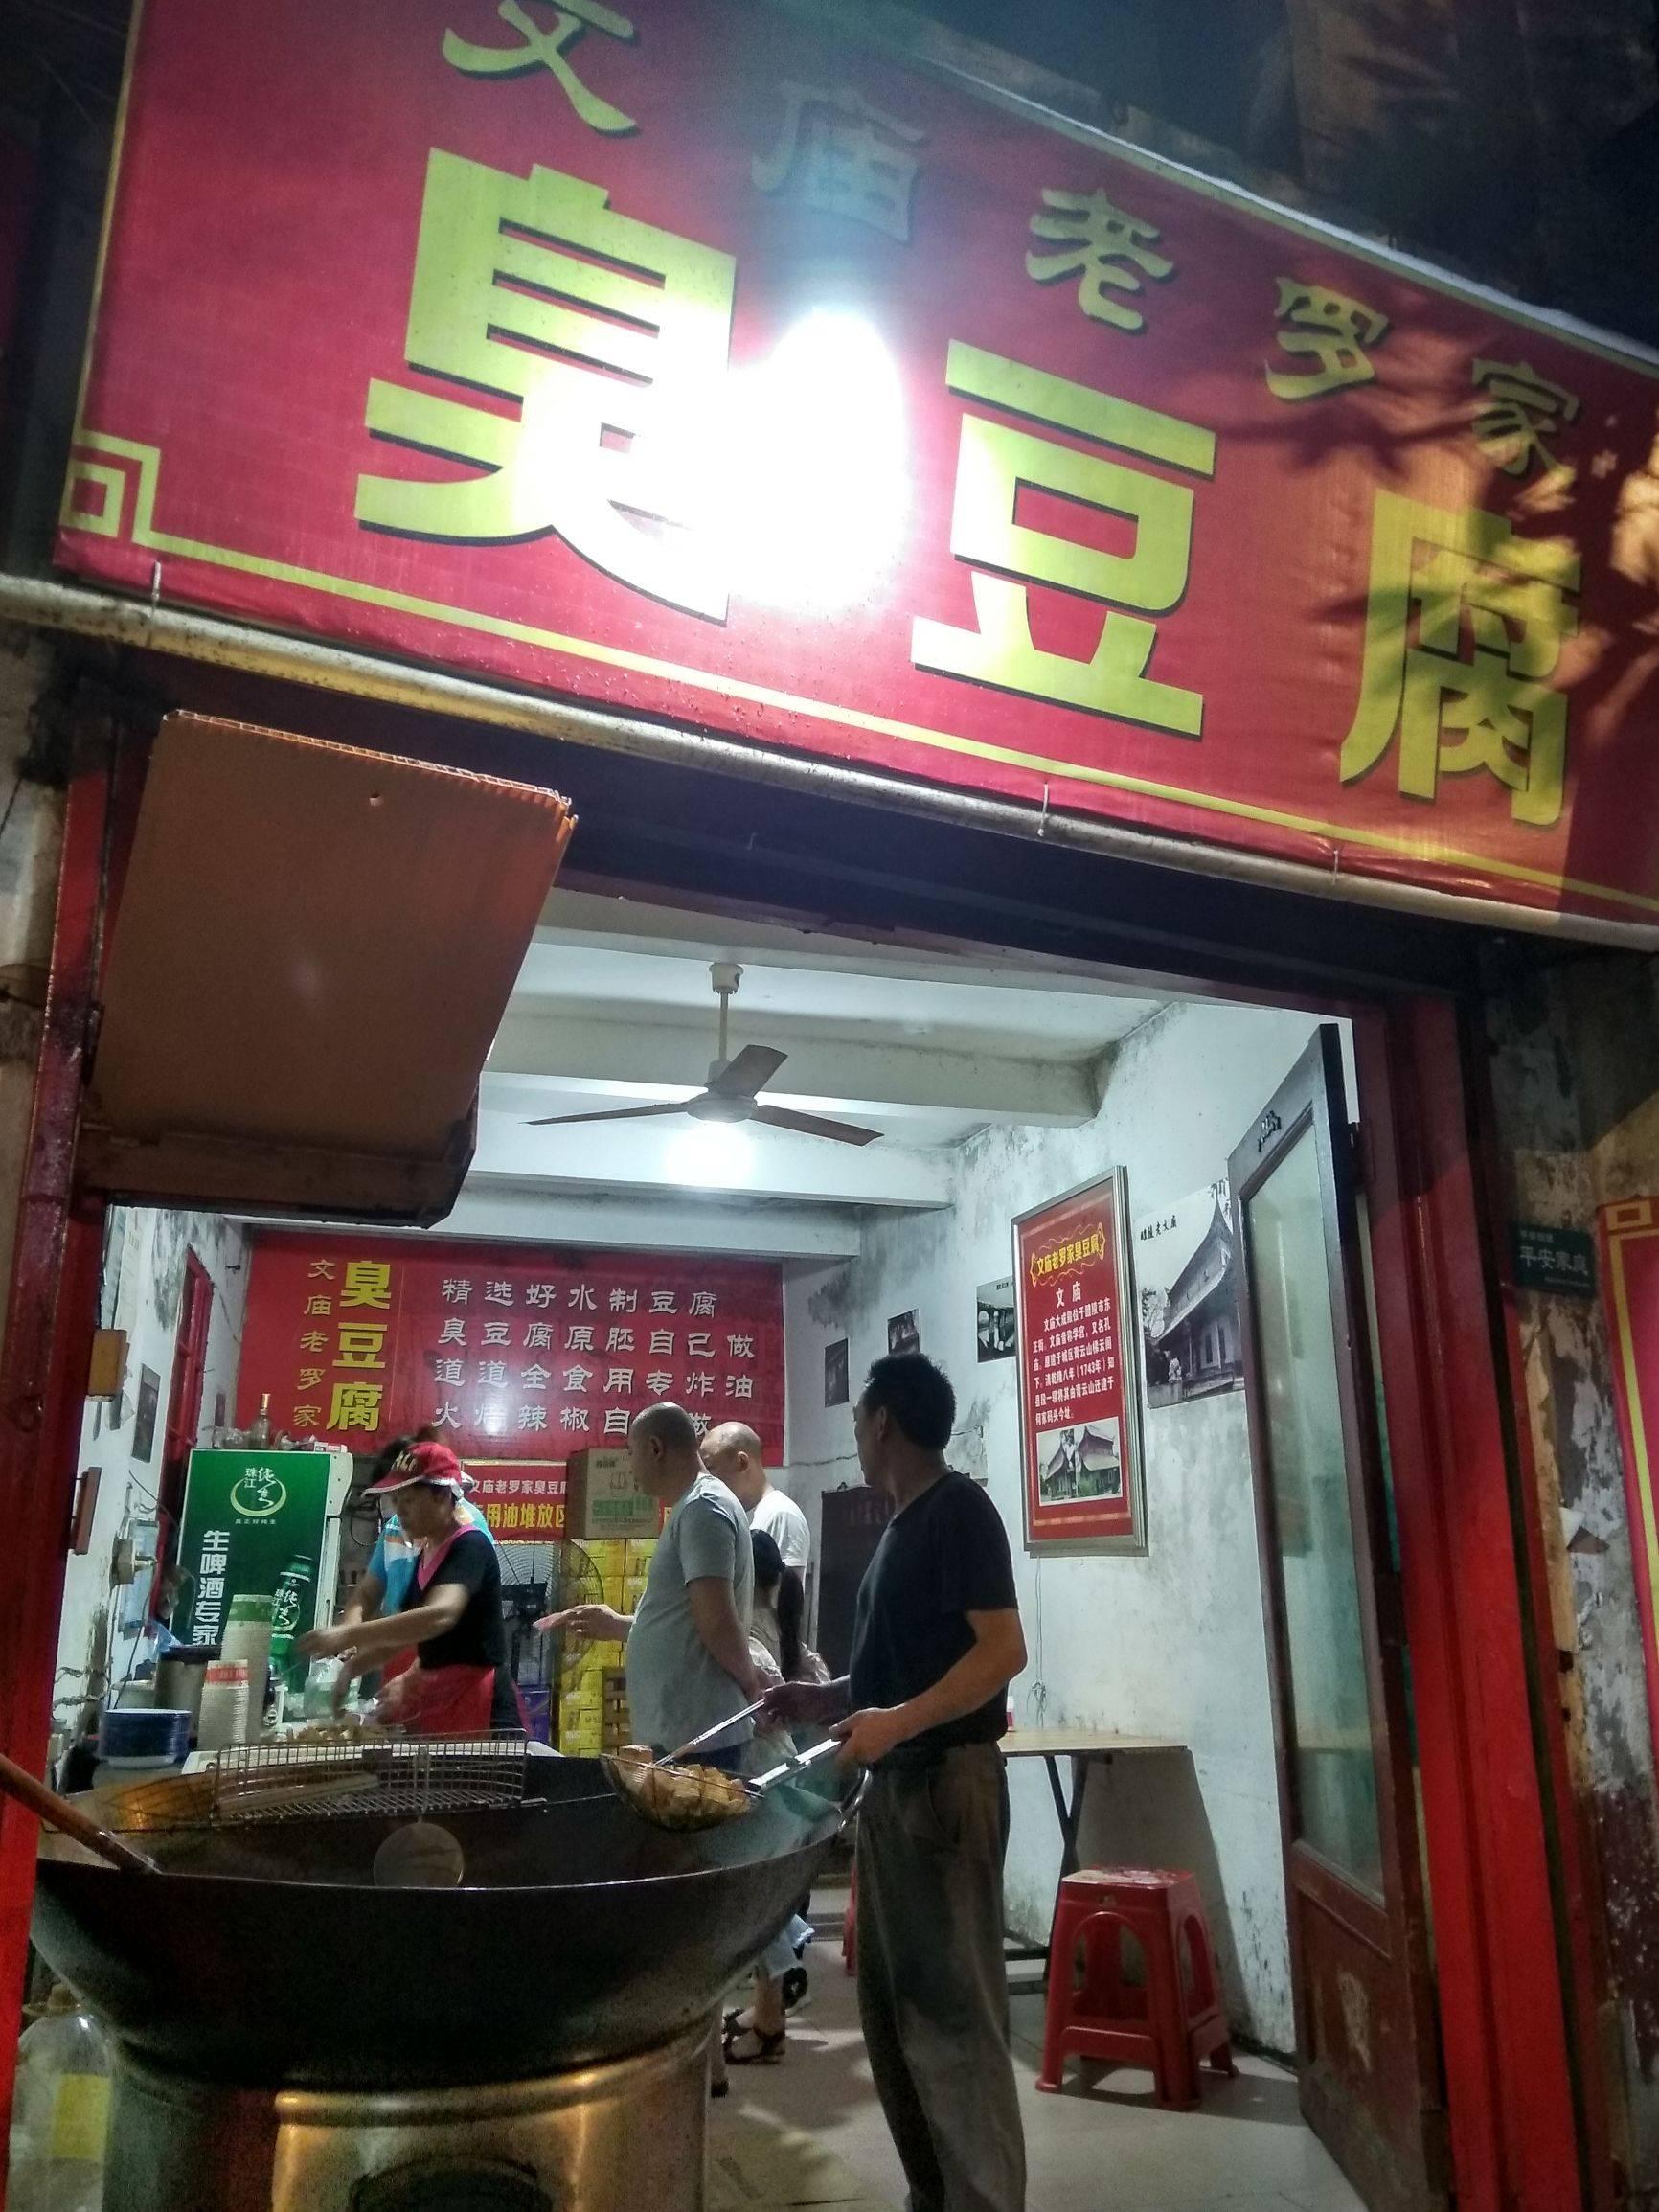 卖臭豆腐一天赚多少钱(卖臭豆腐开店更赚钱吗)插图